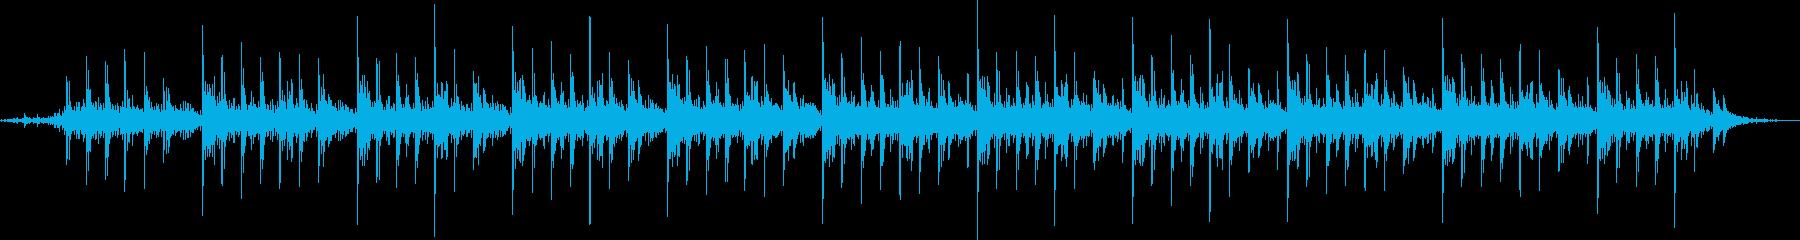 ヒーリングの瞑想用ミニマル音楽と自然音の再生済みの波形